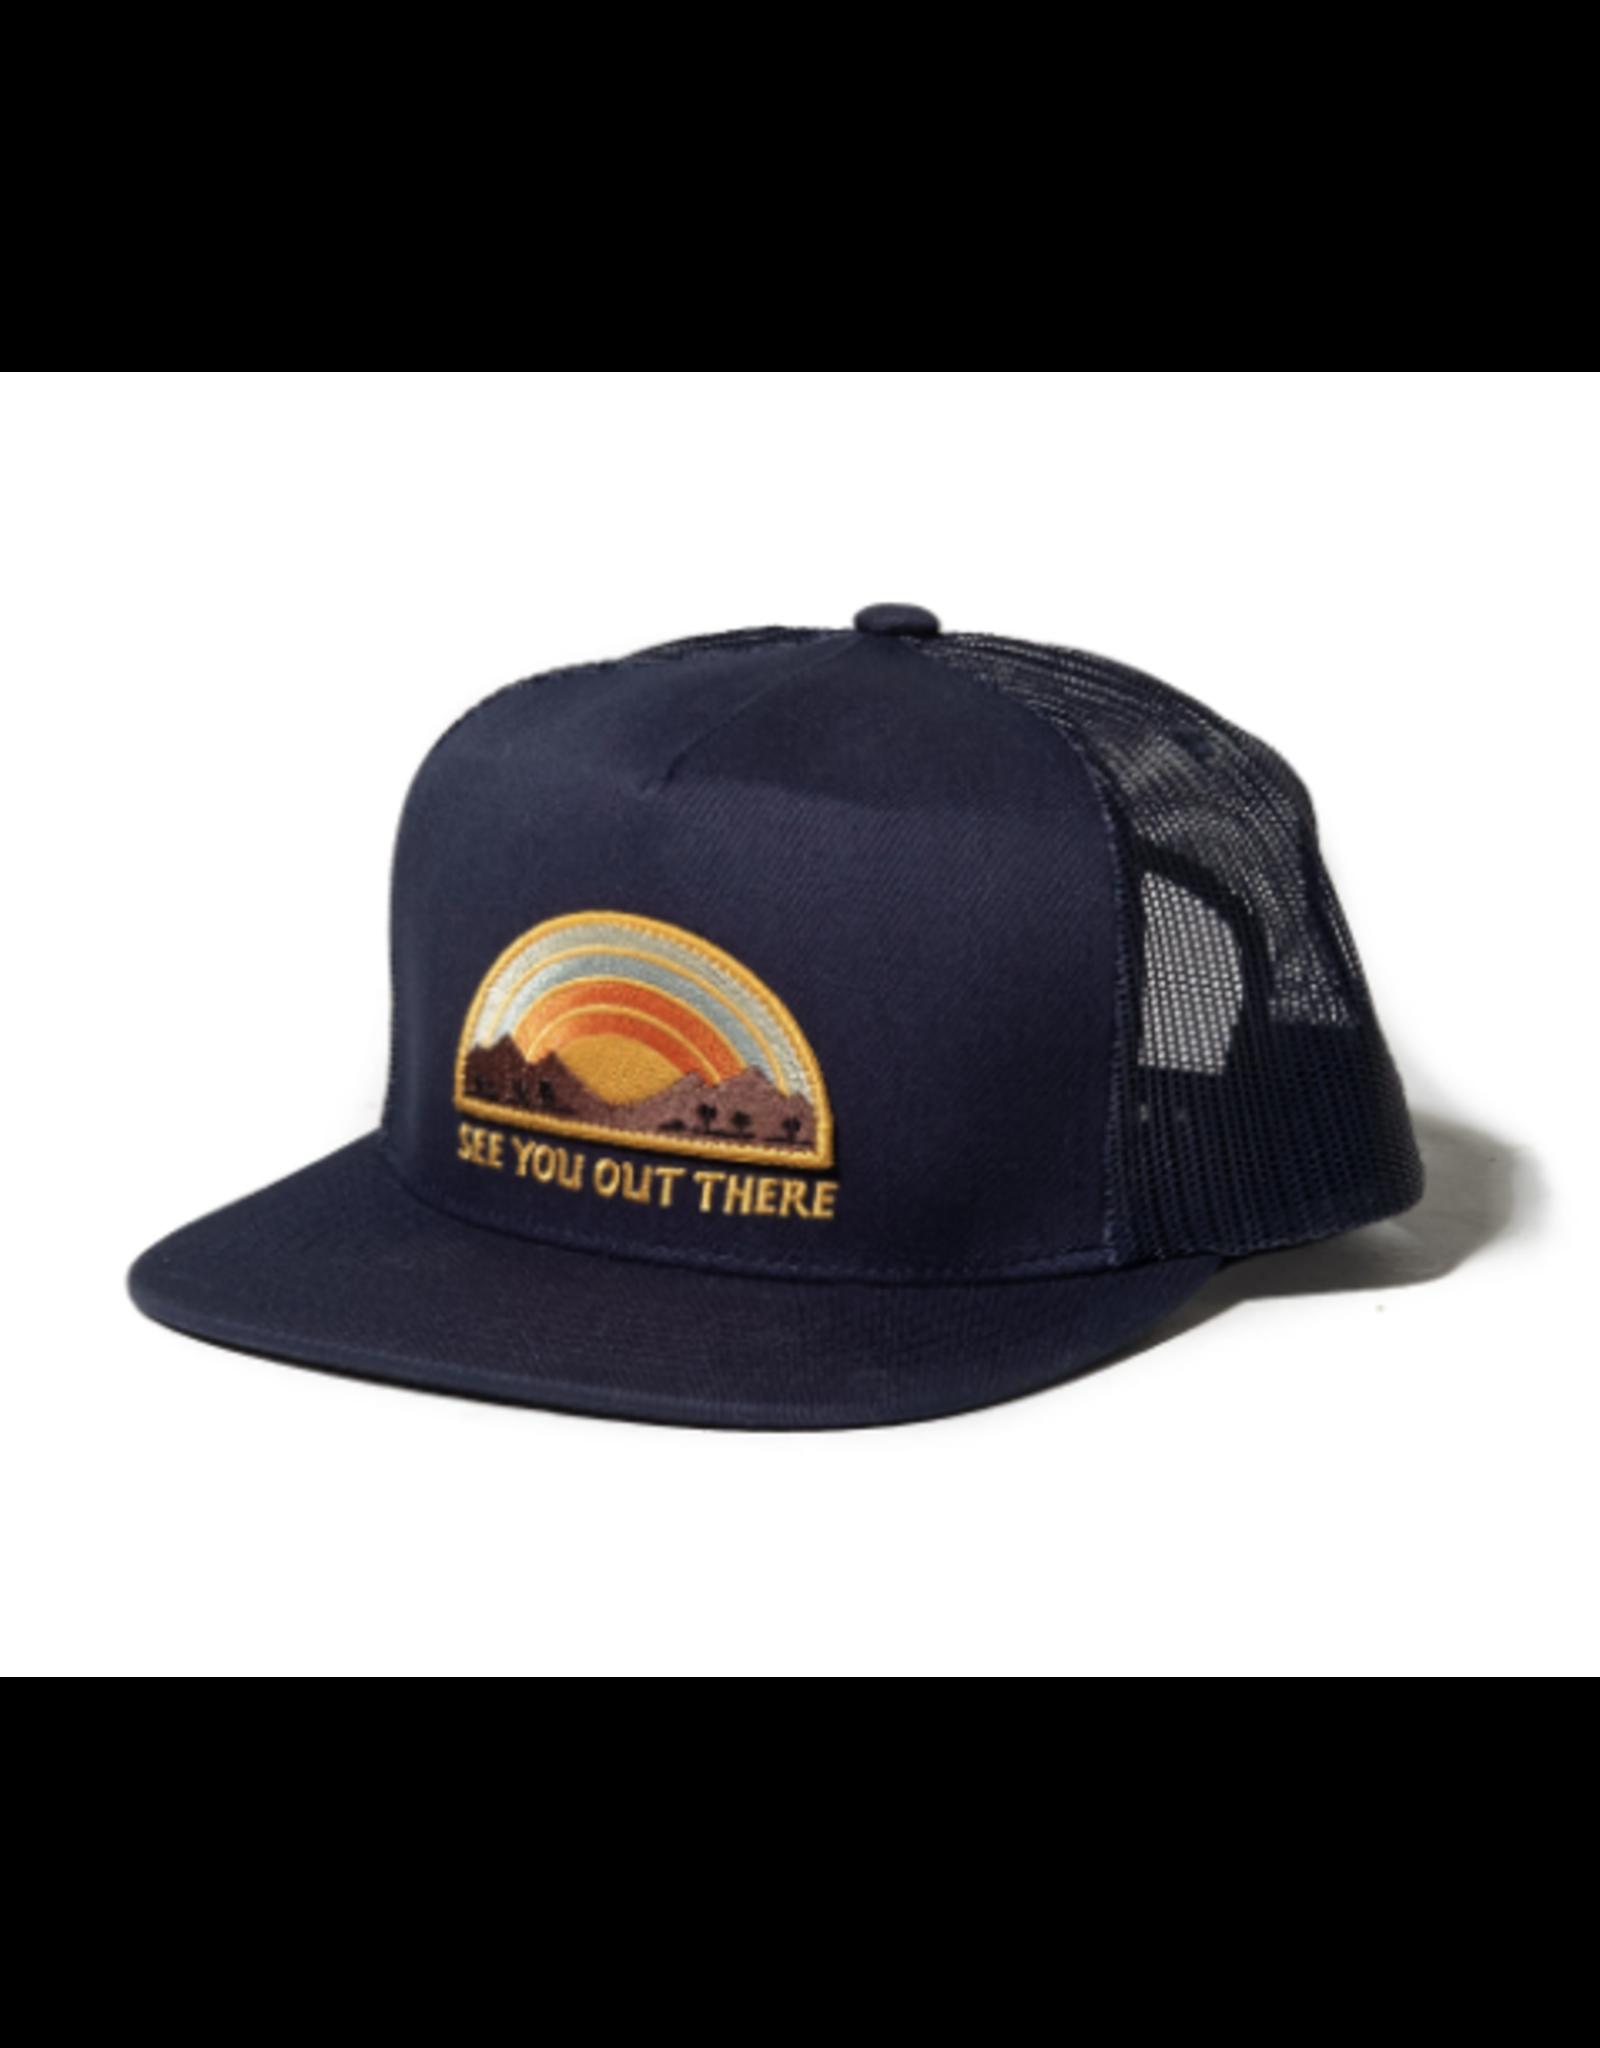 KATIN KATIN SEE YOU TRUCKER HAT